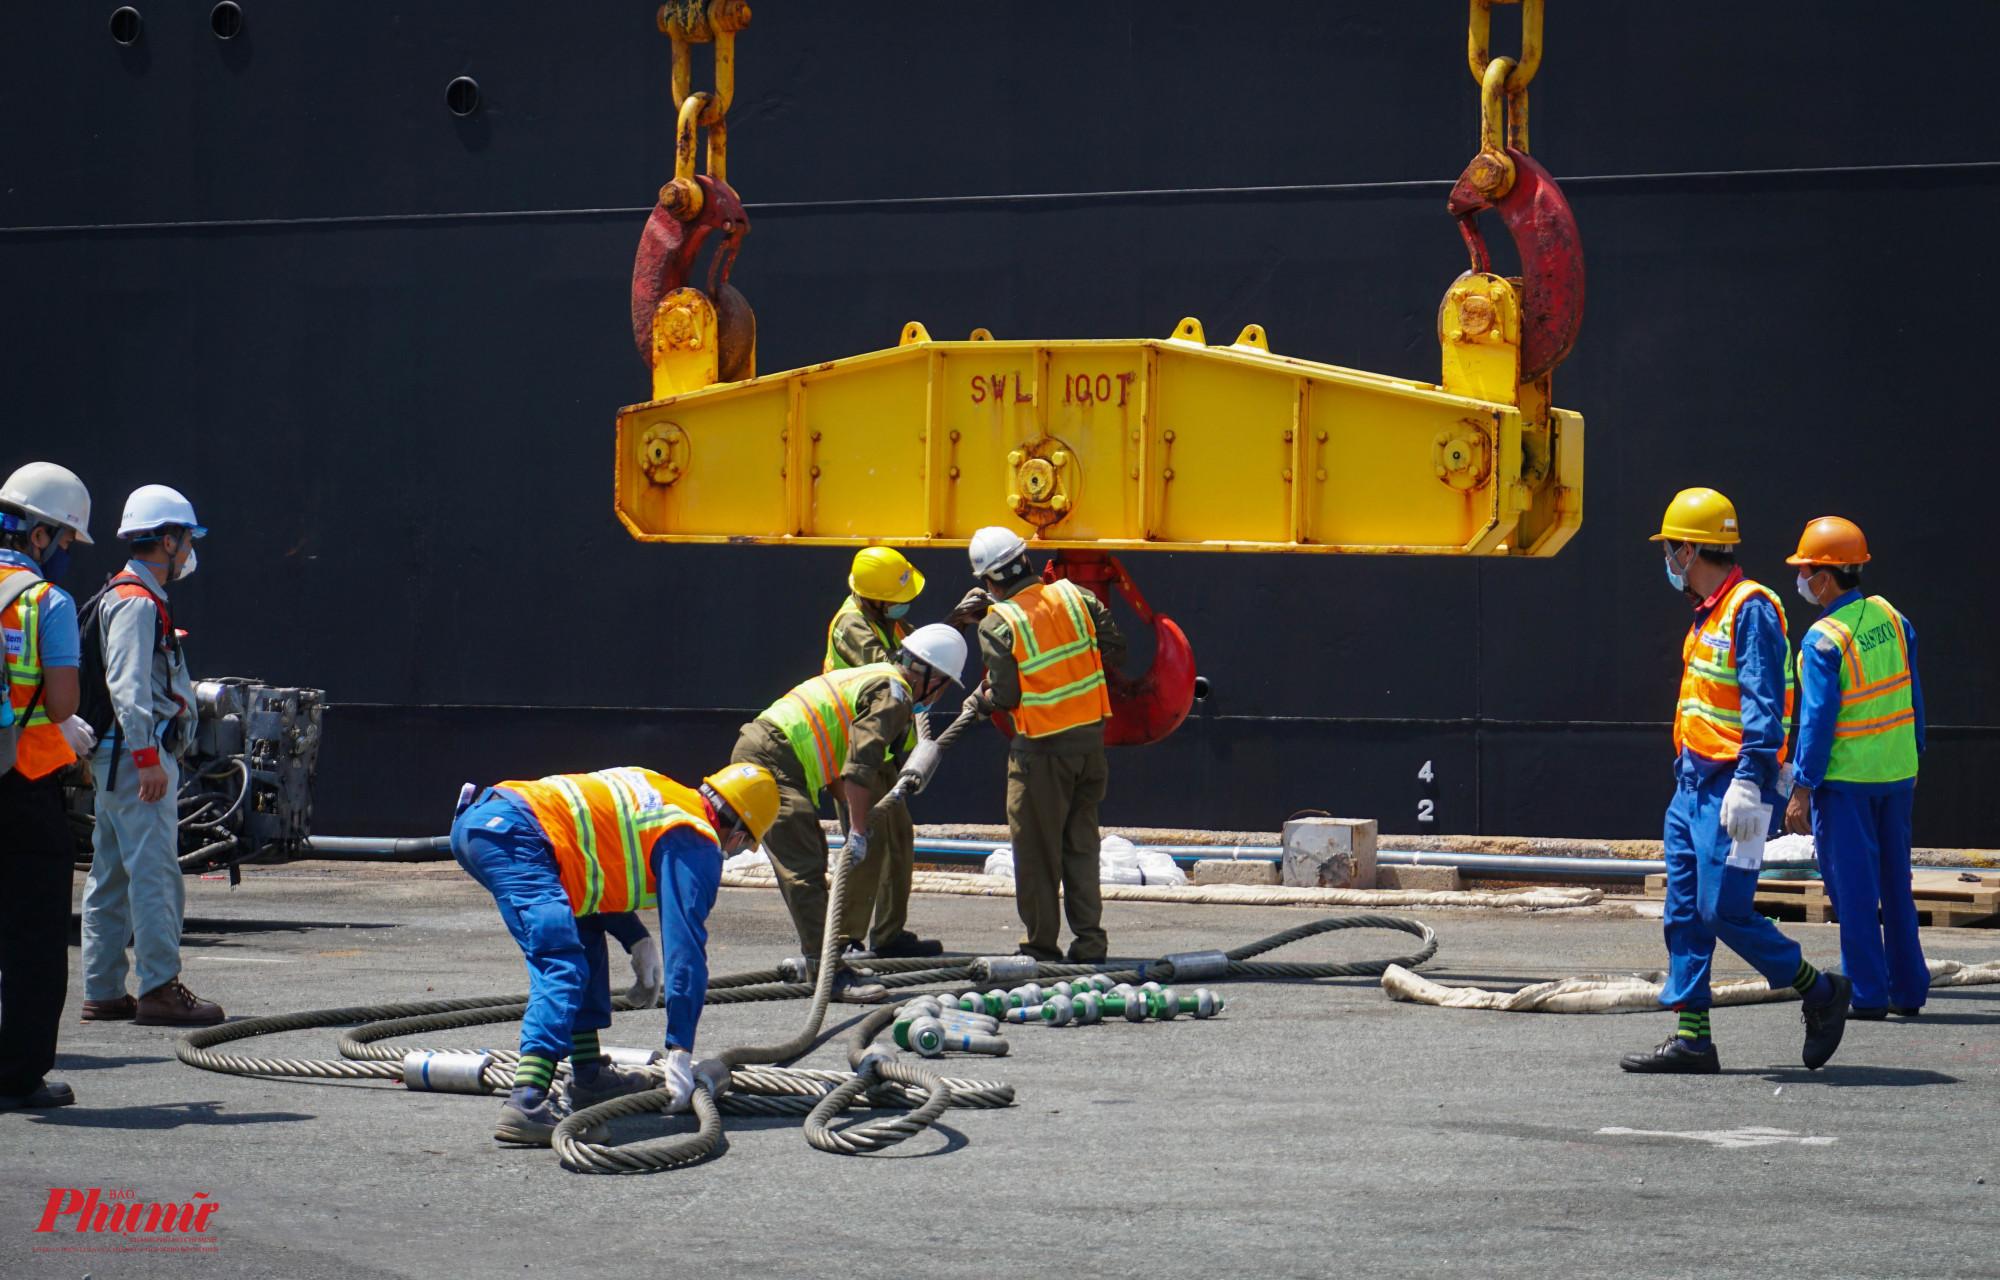 Tàu cập bến, công tác chuẩn bị để đưa đoàn tàu lên xe siêu trọng, siêu trường được triển khai cẩn thận